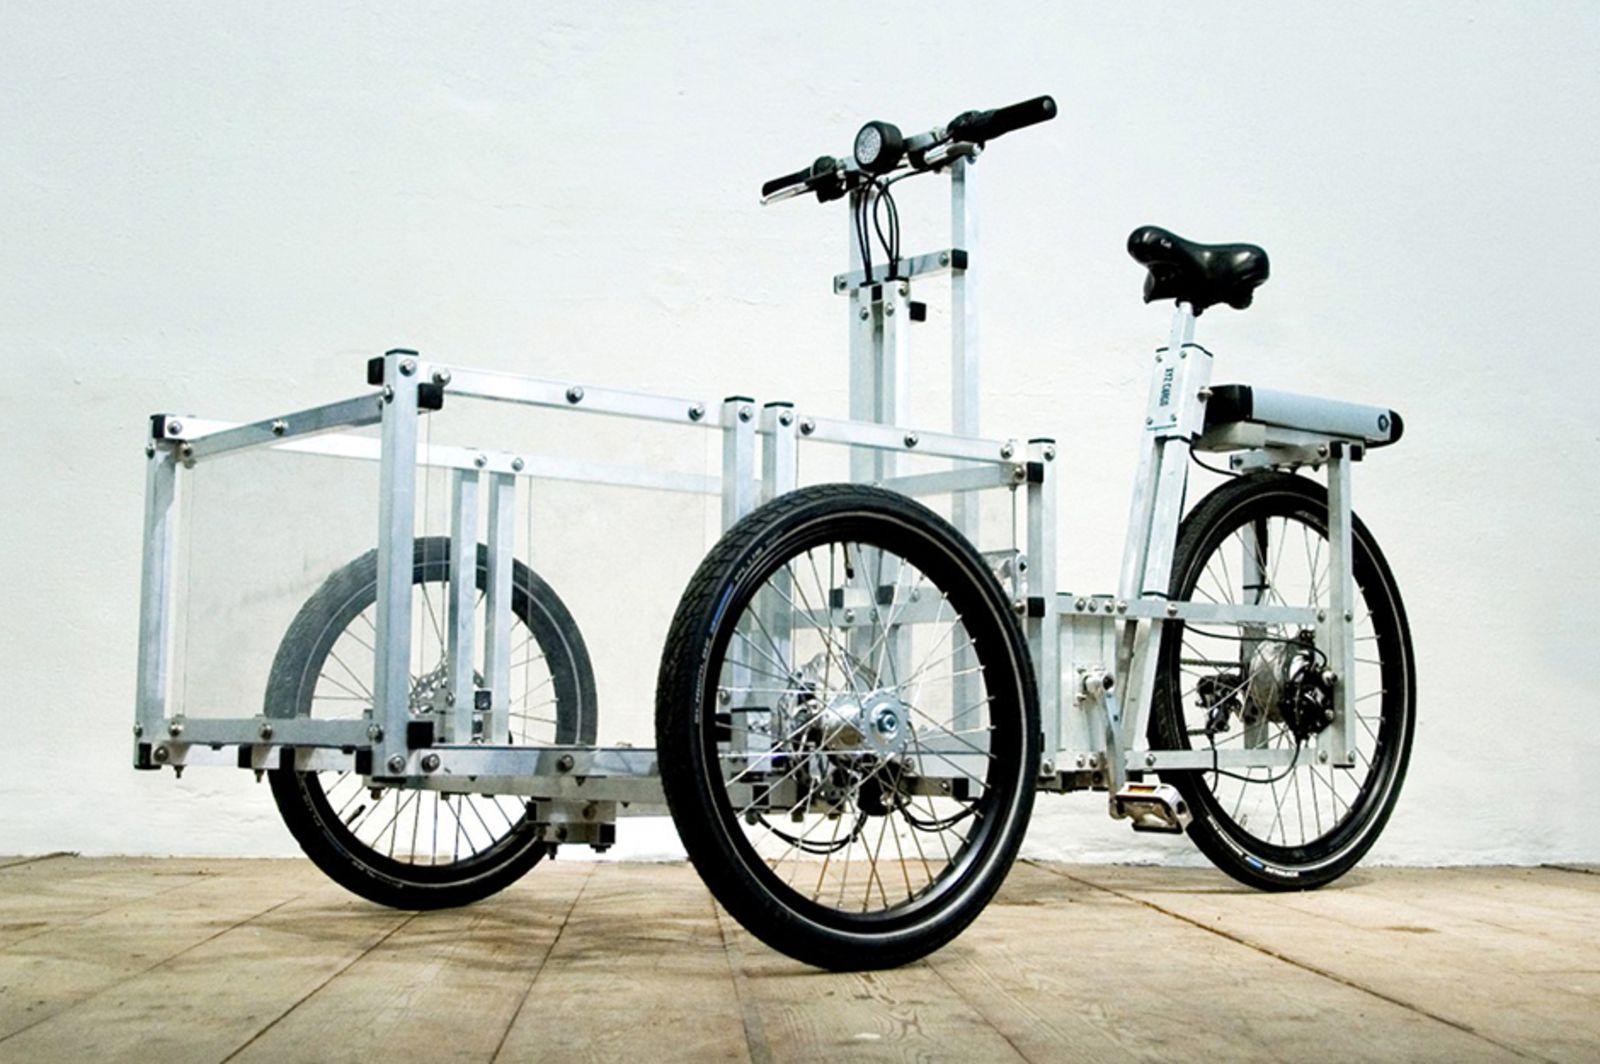 lastenr der das passende lastenrad finden und in ihrer n he probe fahren. Black Bedroom Furniture Sets. Home Design Ideas